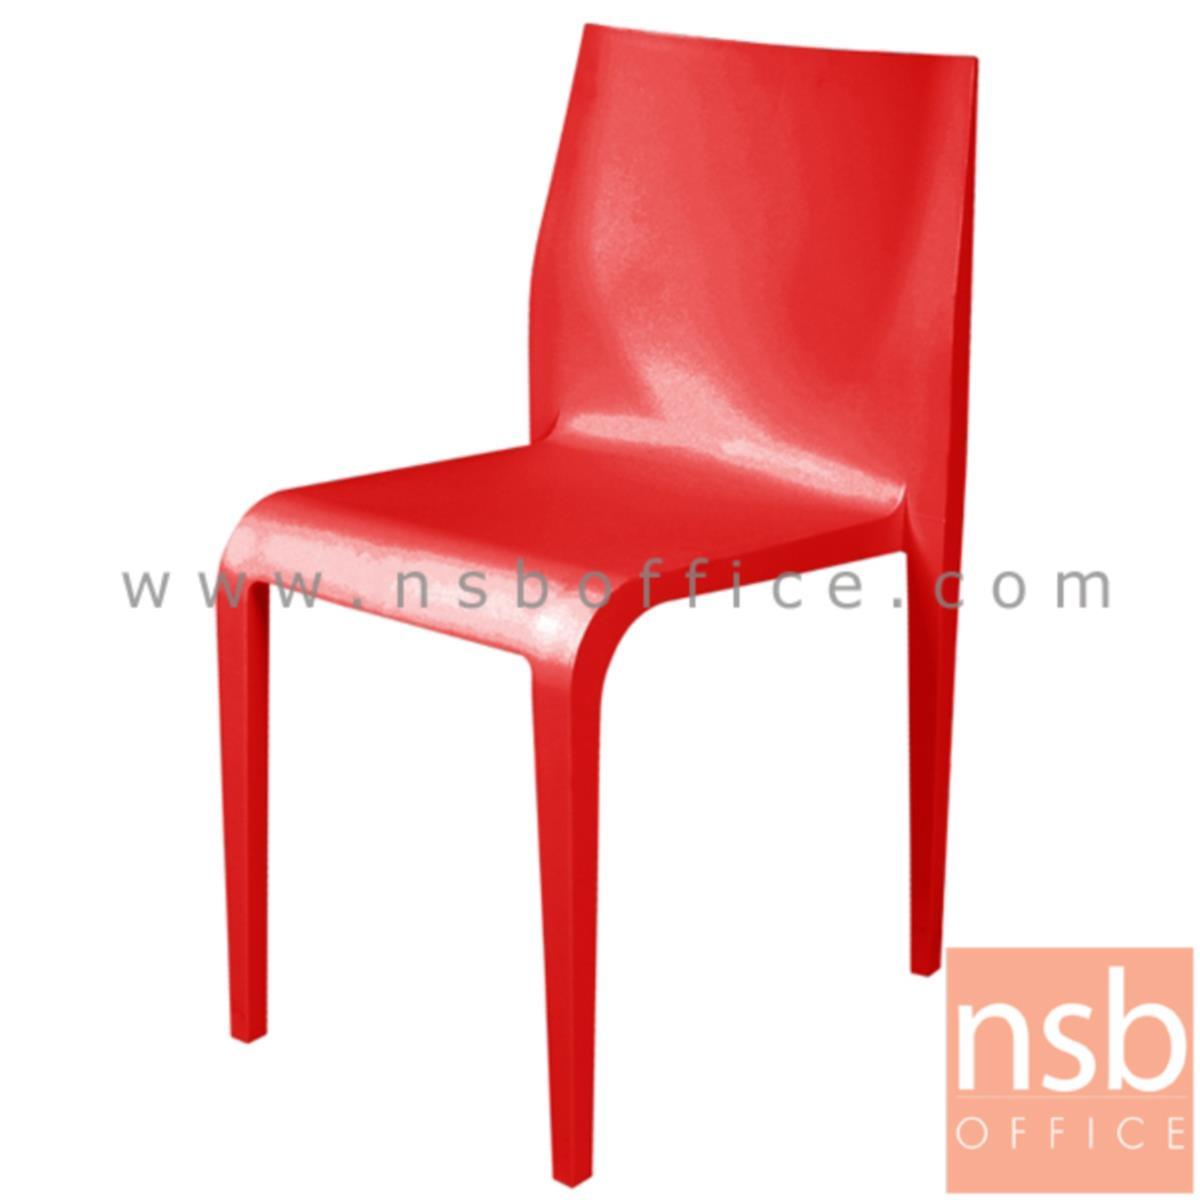 เก้าอี้โมเดิร์นพลาสติกล้วน(PP) รุ่น PP9213 ขนาด 43.5W cm.